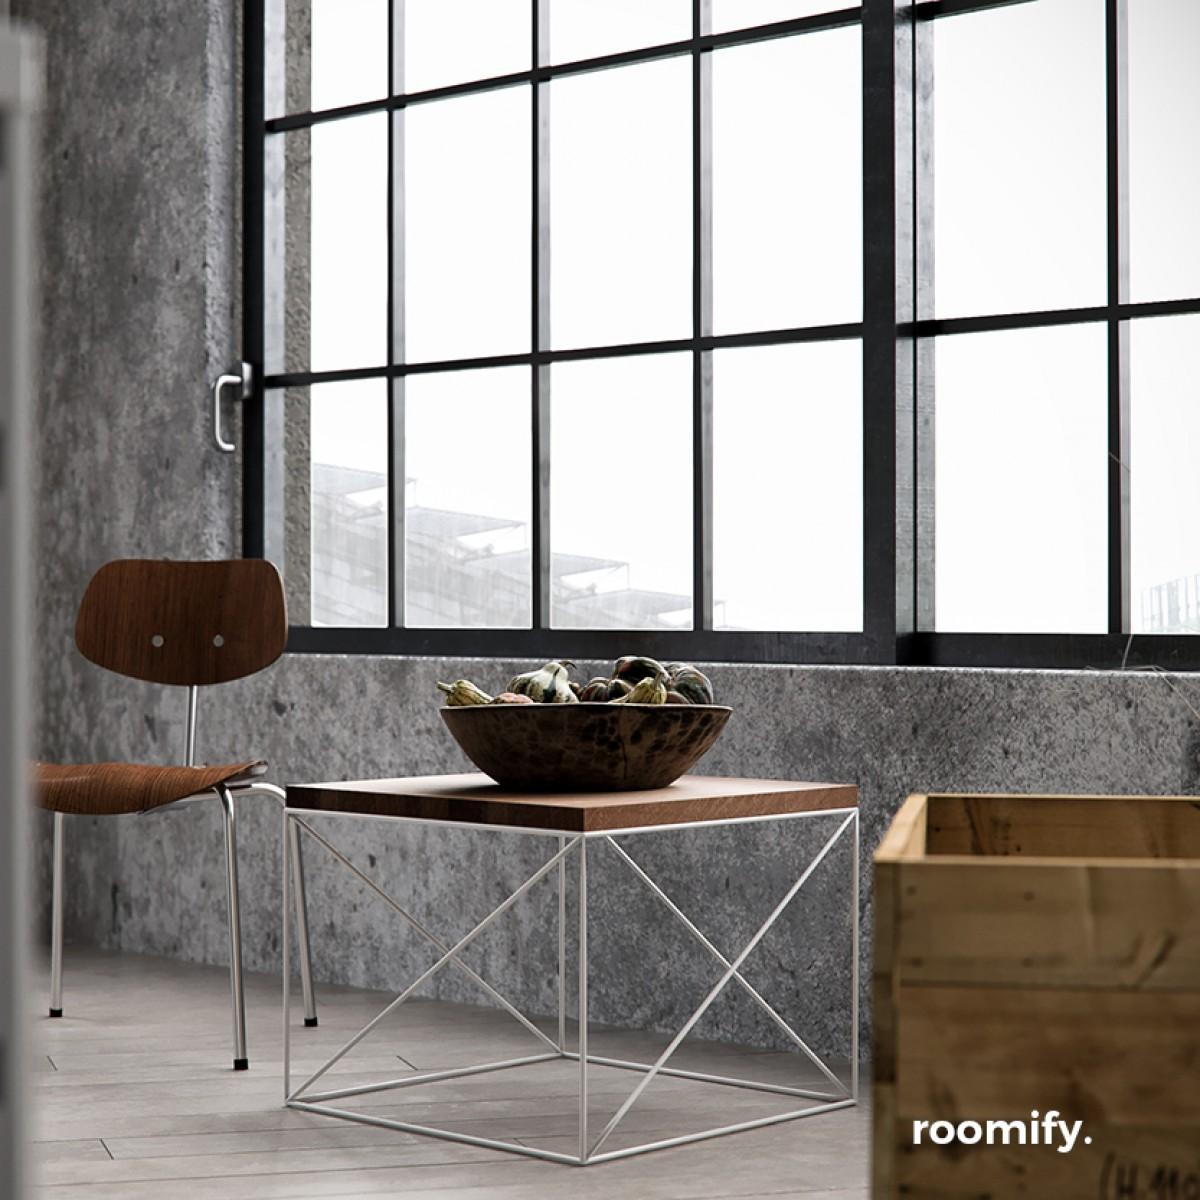 roomify Beistelltisch MUNIO Farben: black&white